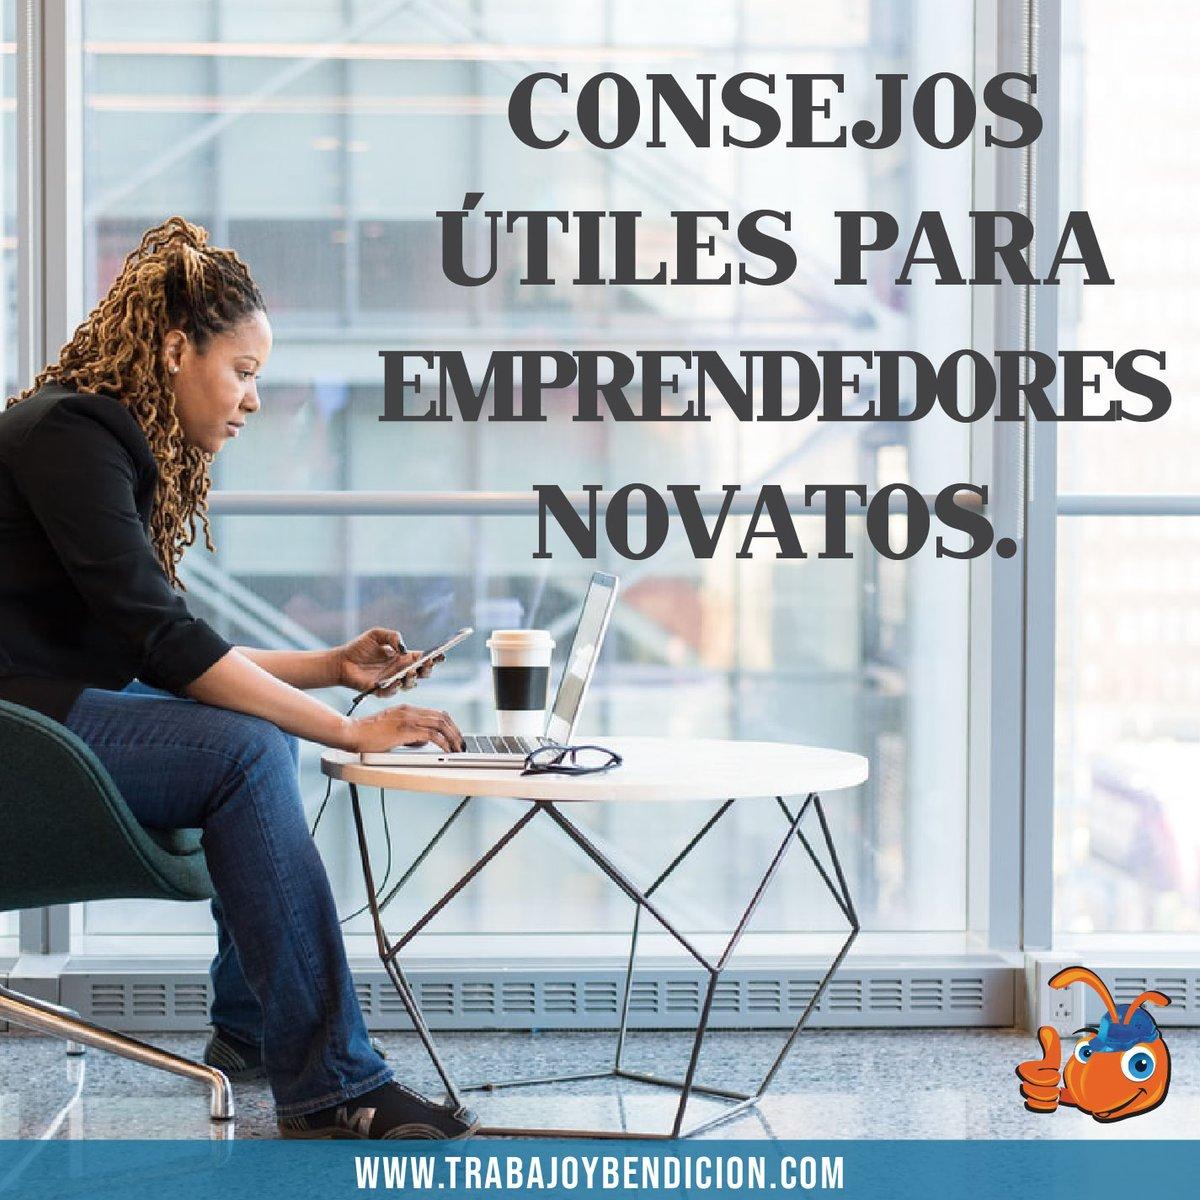 Conocías estos consejos para emprendedores novatos? Ayuda a que tu negocio crezca ingresando a nuestro sitio web http://www.trabajoybendicion.com #Miercoles #TrabajoYBendicion #MuestrateAlMundo #Guayaquil #Ecuador #Trabajo #Ventas #Empleo #SiHayTrabajo #OportunidadLaboral #Quito #Cuencapic.twitter.com/3KG3QEIqL1